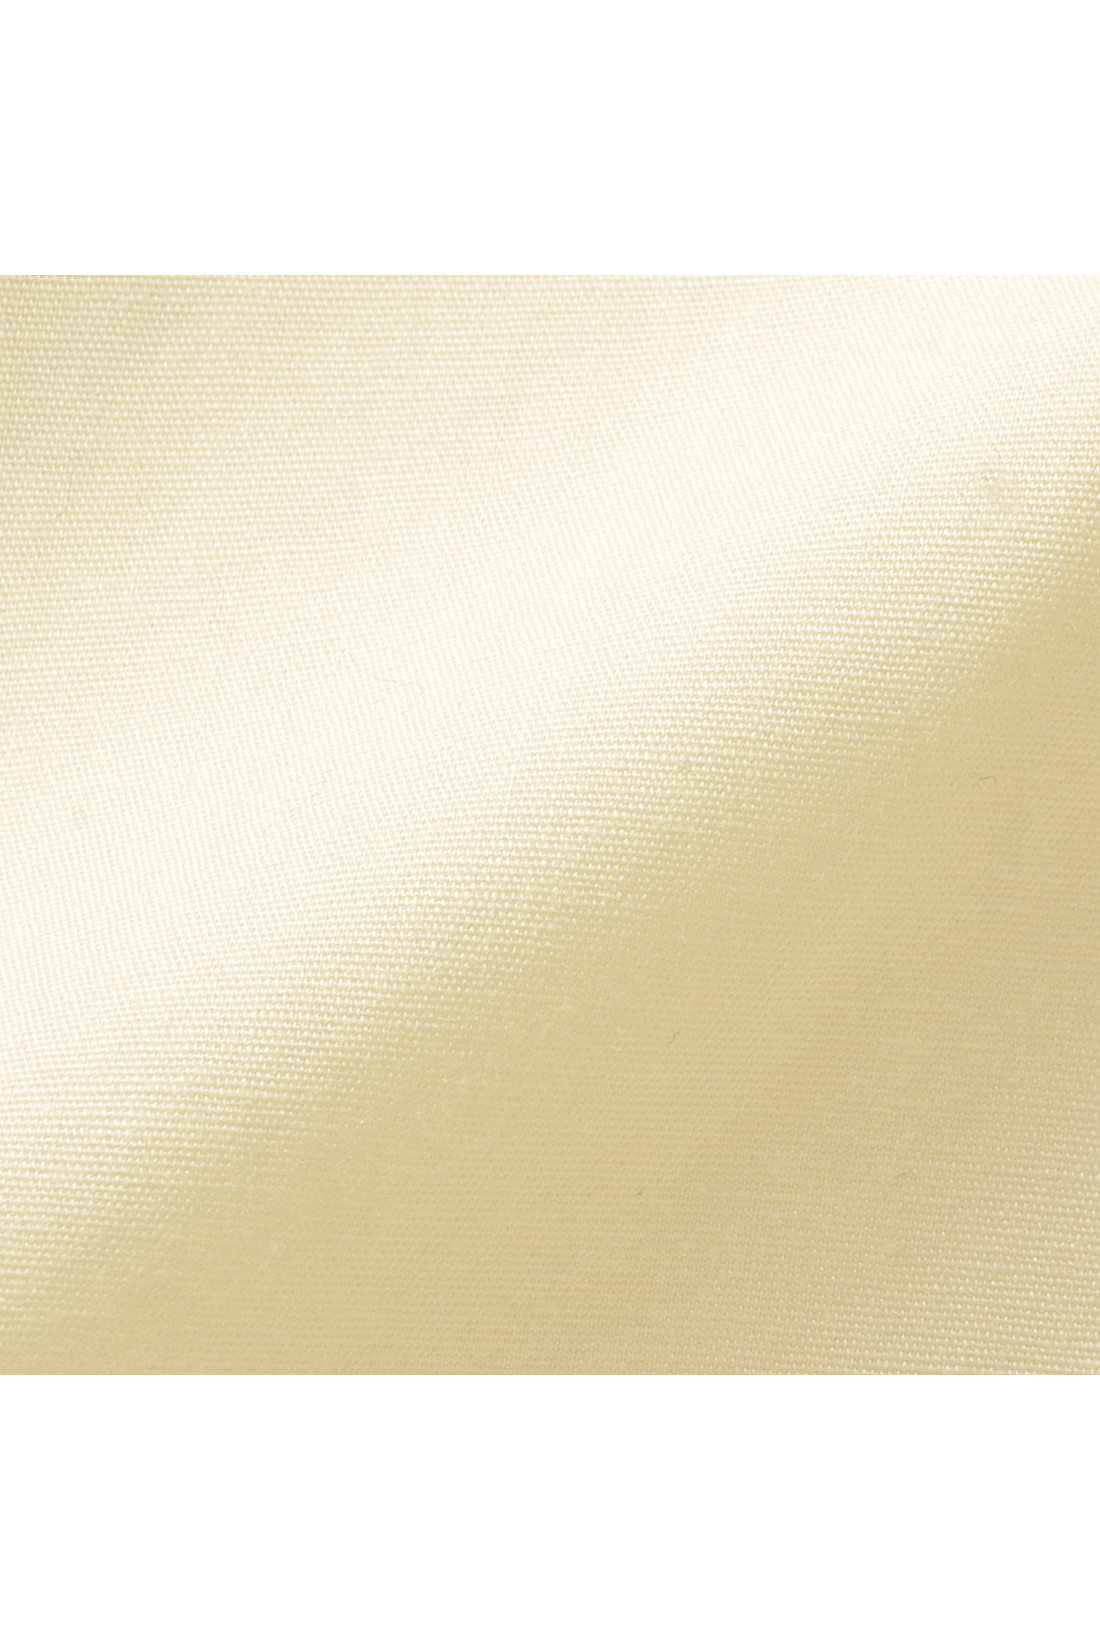 シャツ地と少しスポーティーな印象のポリエステル素材。